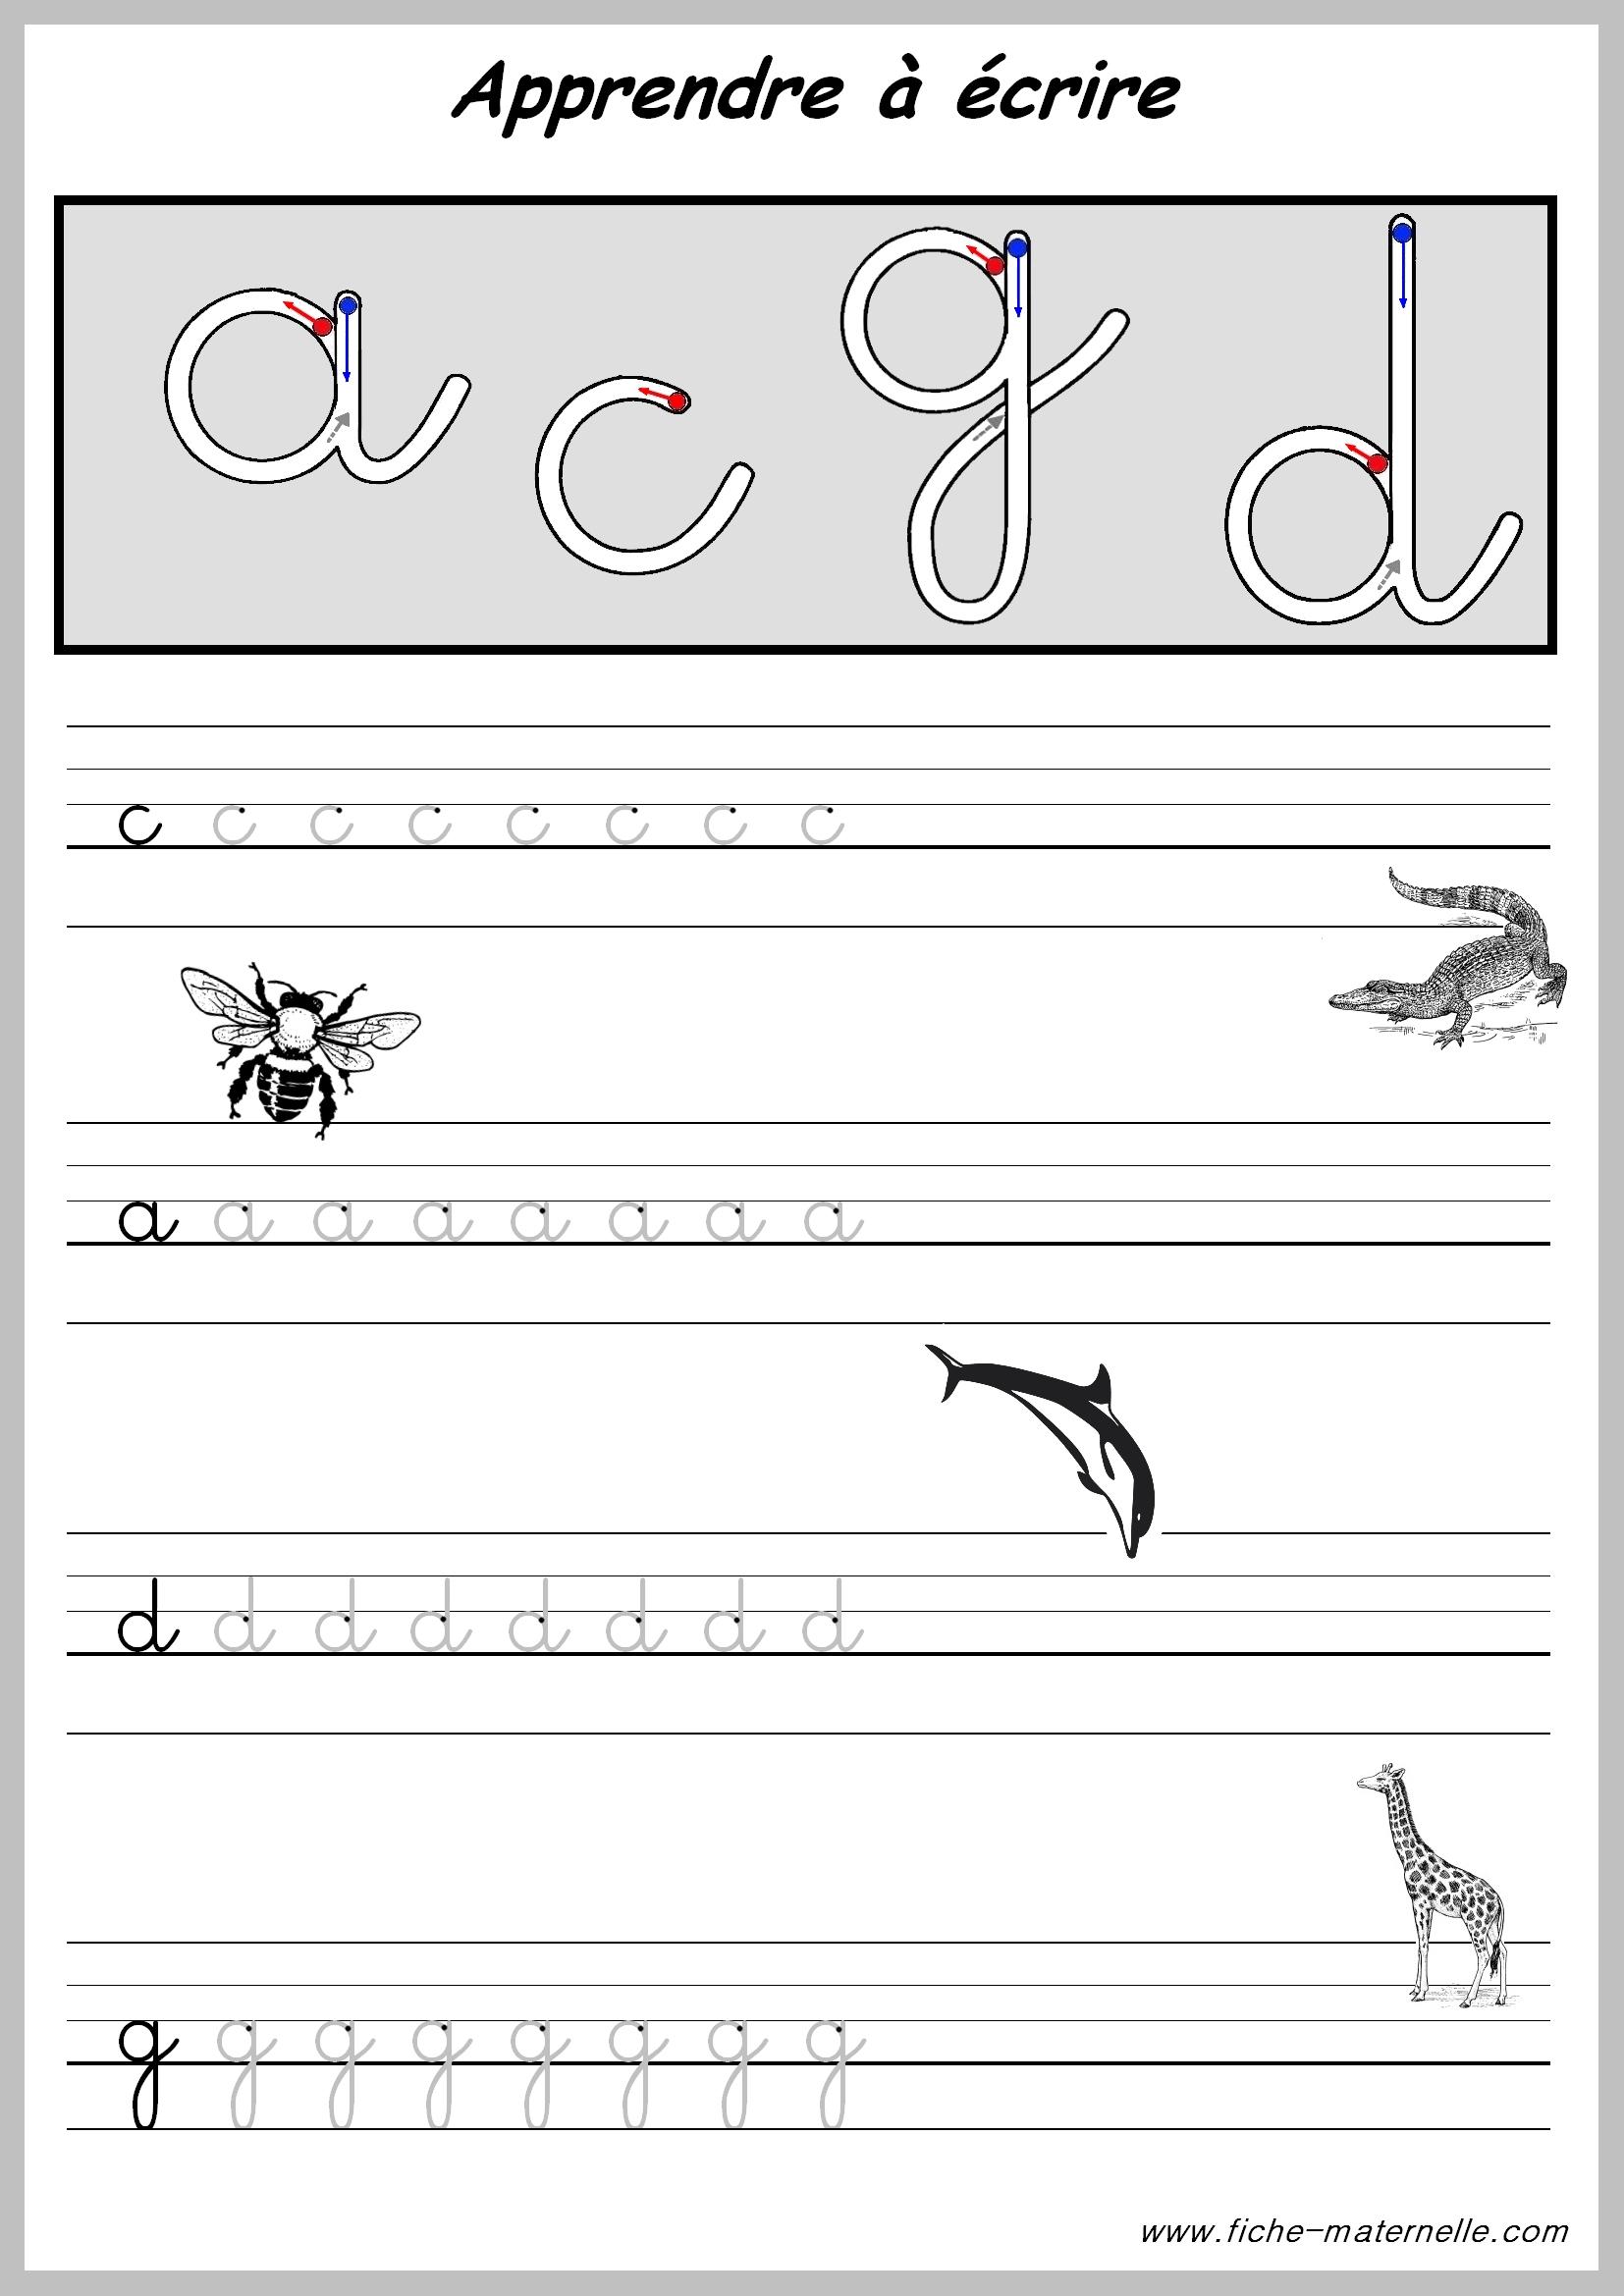 Exercices Pour Apprendre A Ecrire. pour Apprendre A Écrire L Alphabet